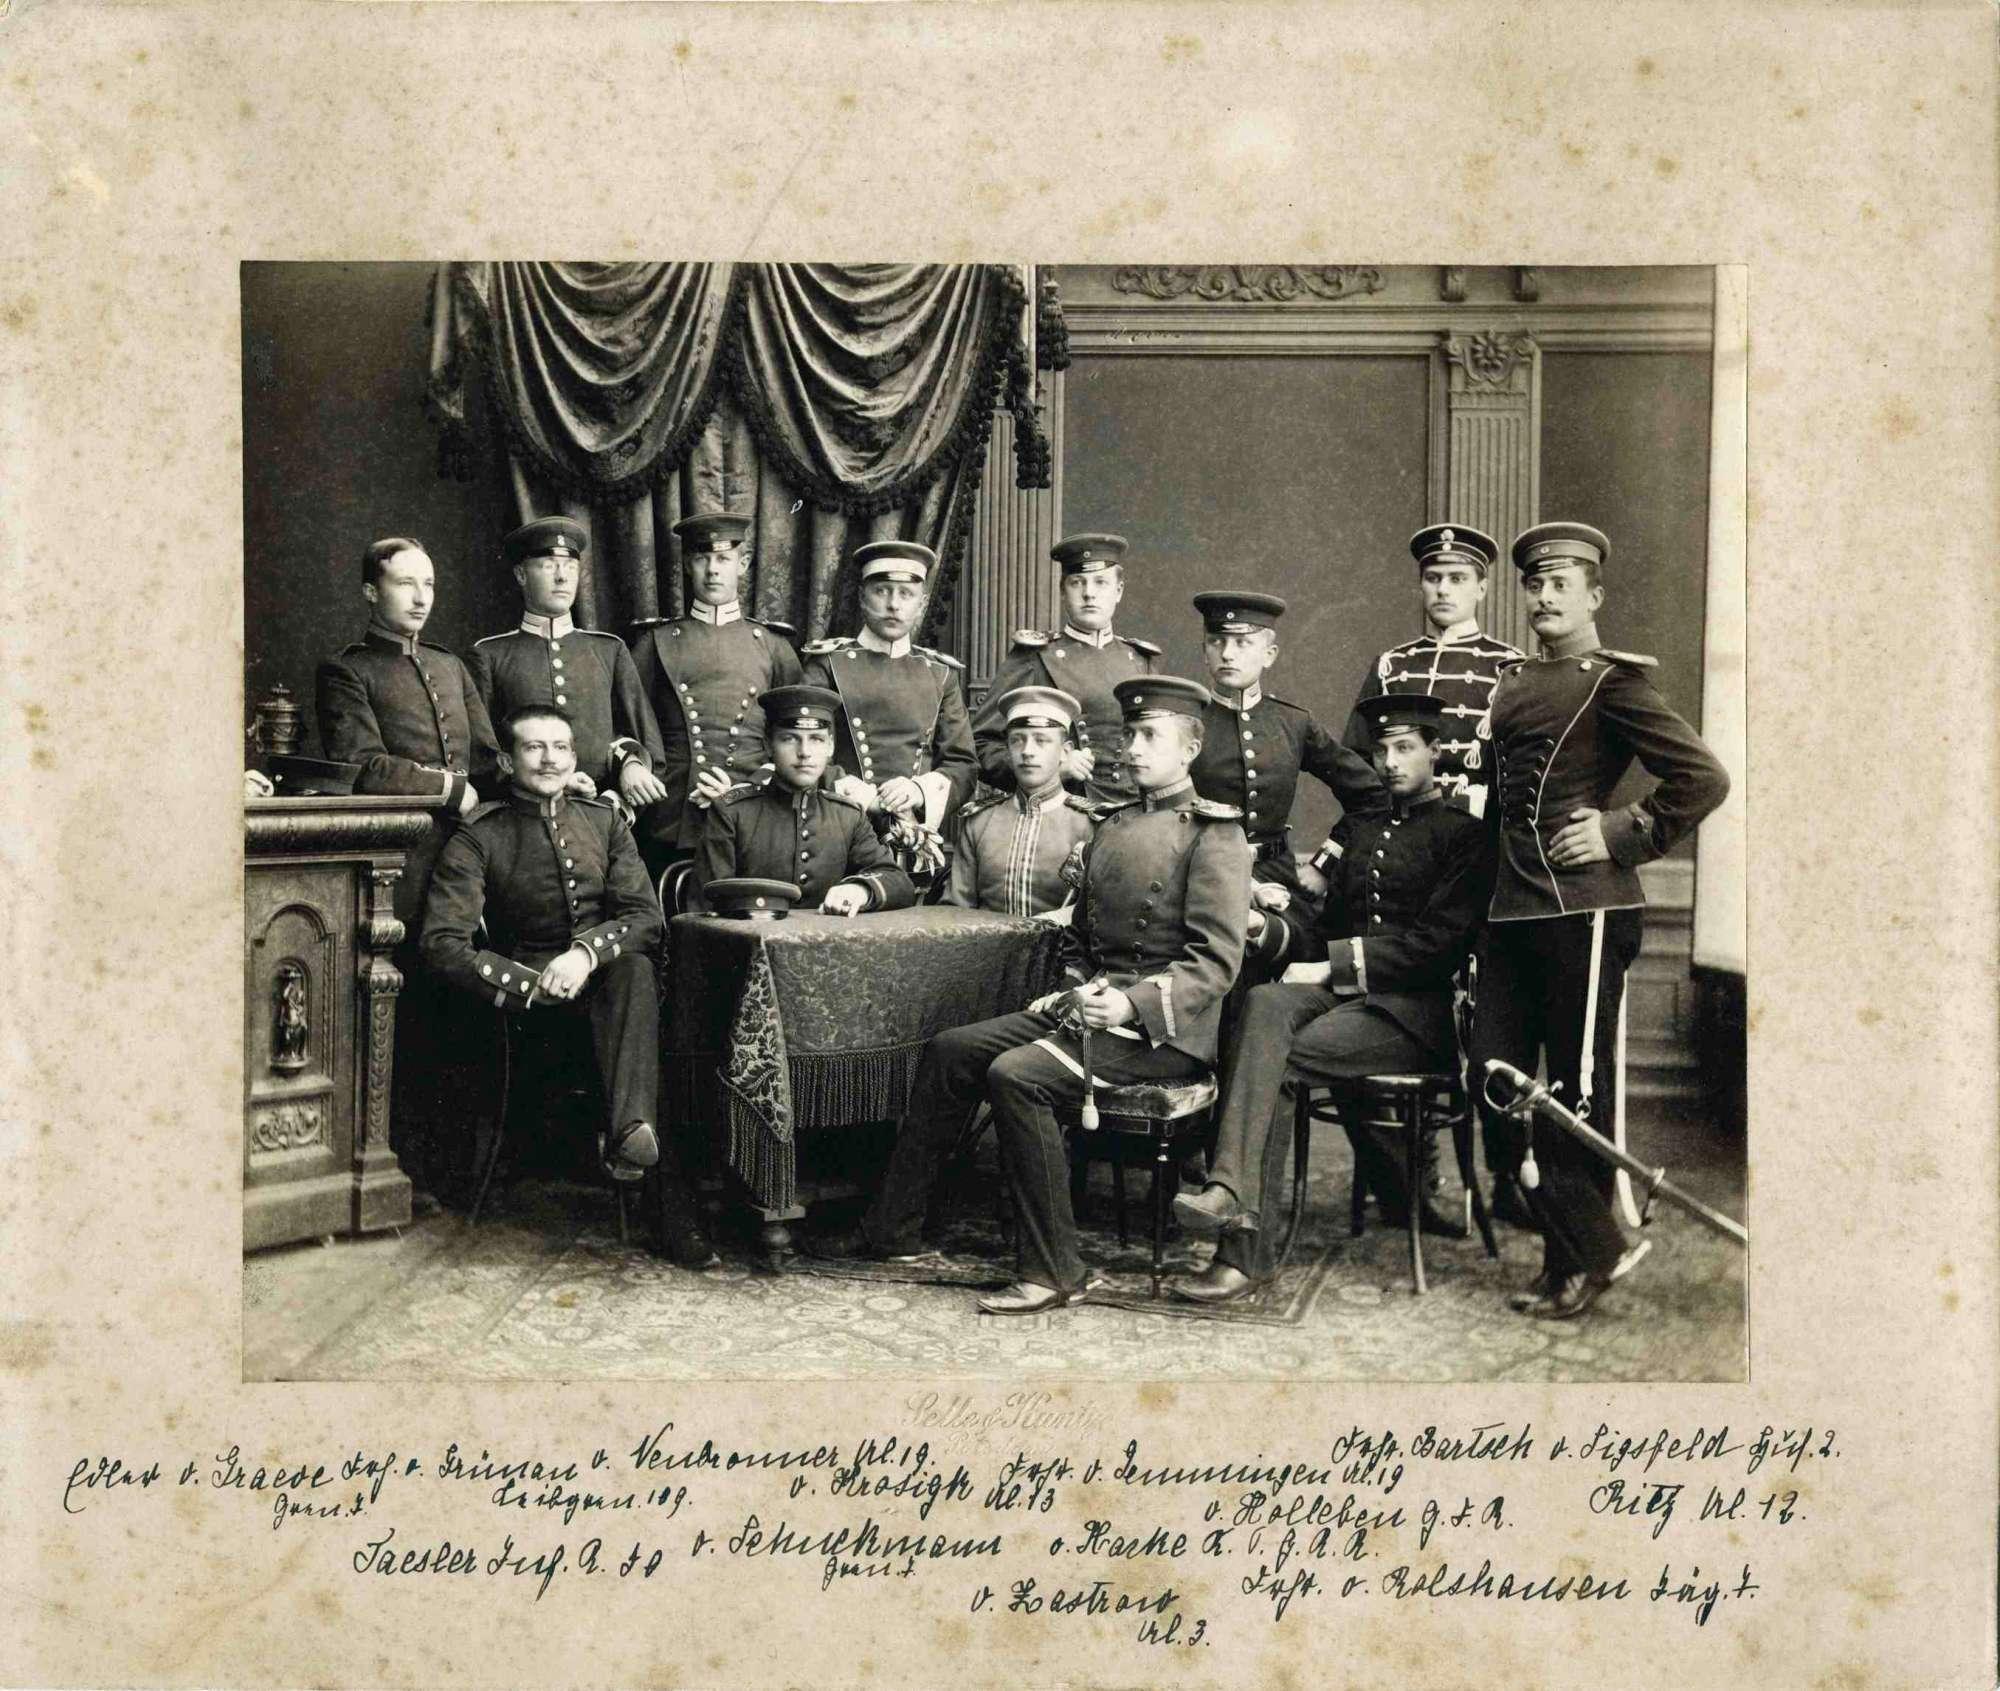 Offiziere (dreizehn Personen) verschiedener Regimenter, Erinnerung des abgebildeten Freiherrn von Gemmingen, Oberst, in Fotoatelier, teils stehend oder um einen Tisch sitzend, Bild 1